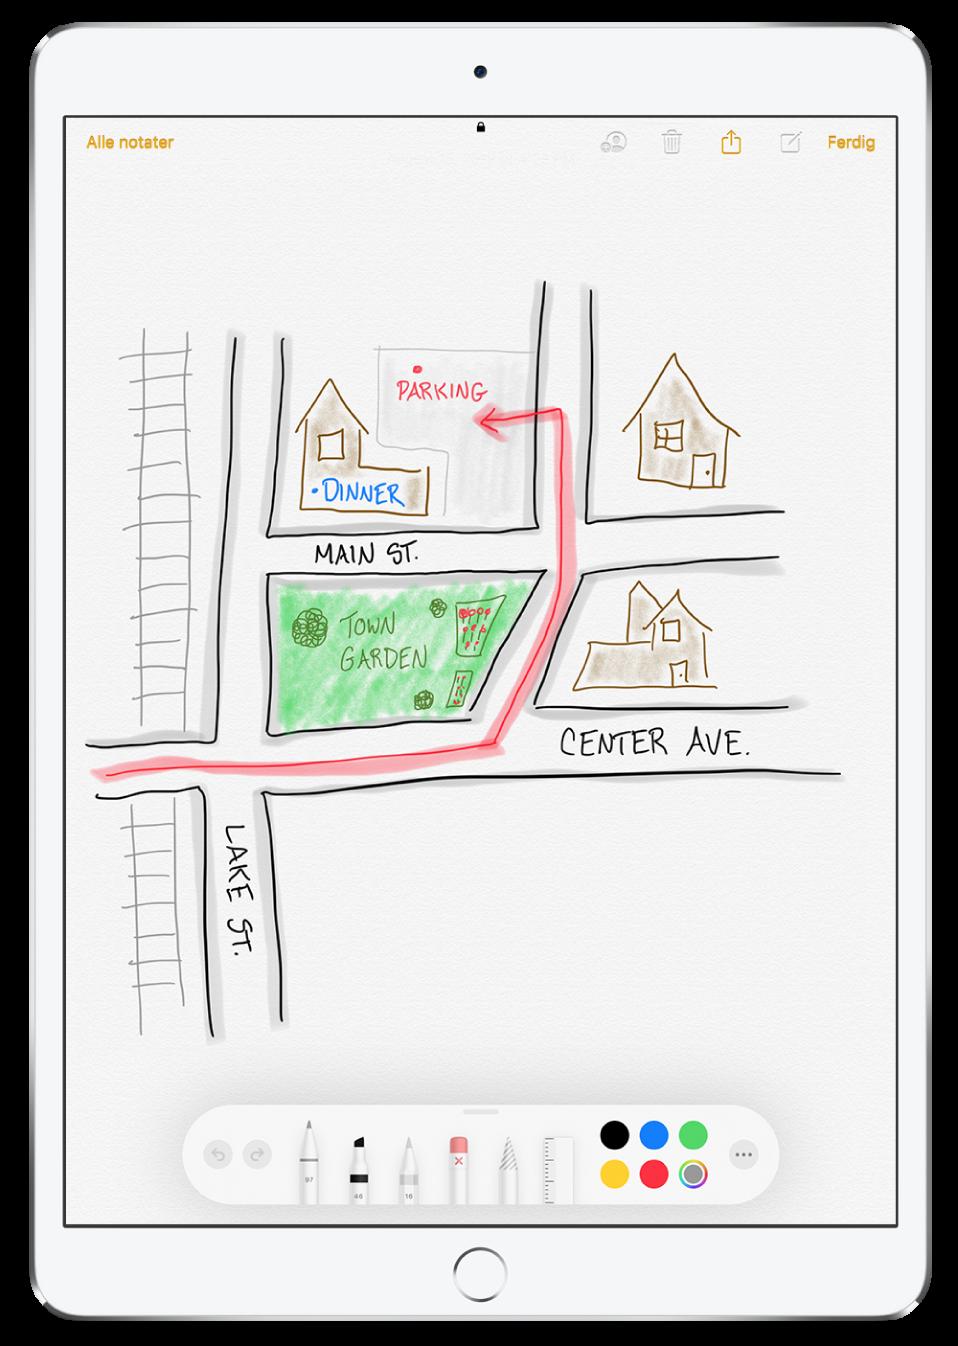 En tegning av et nabolag i et notat i Notater-appen. Tegningen har også merkede gater og en rød pil som viser tilgjengelig parkering. Nederst på skjermen vises Merking-verktøylinjen med skriveredskap og tilpasset farge markert.